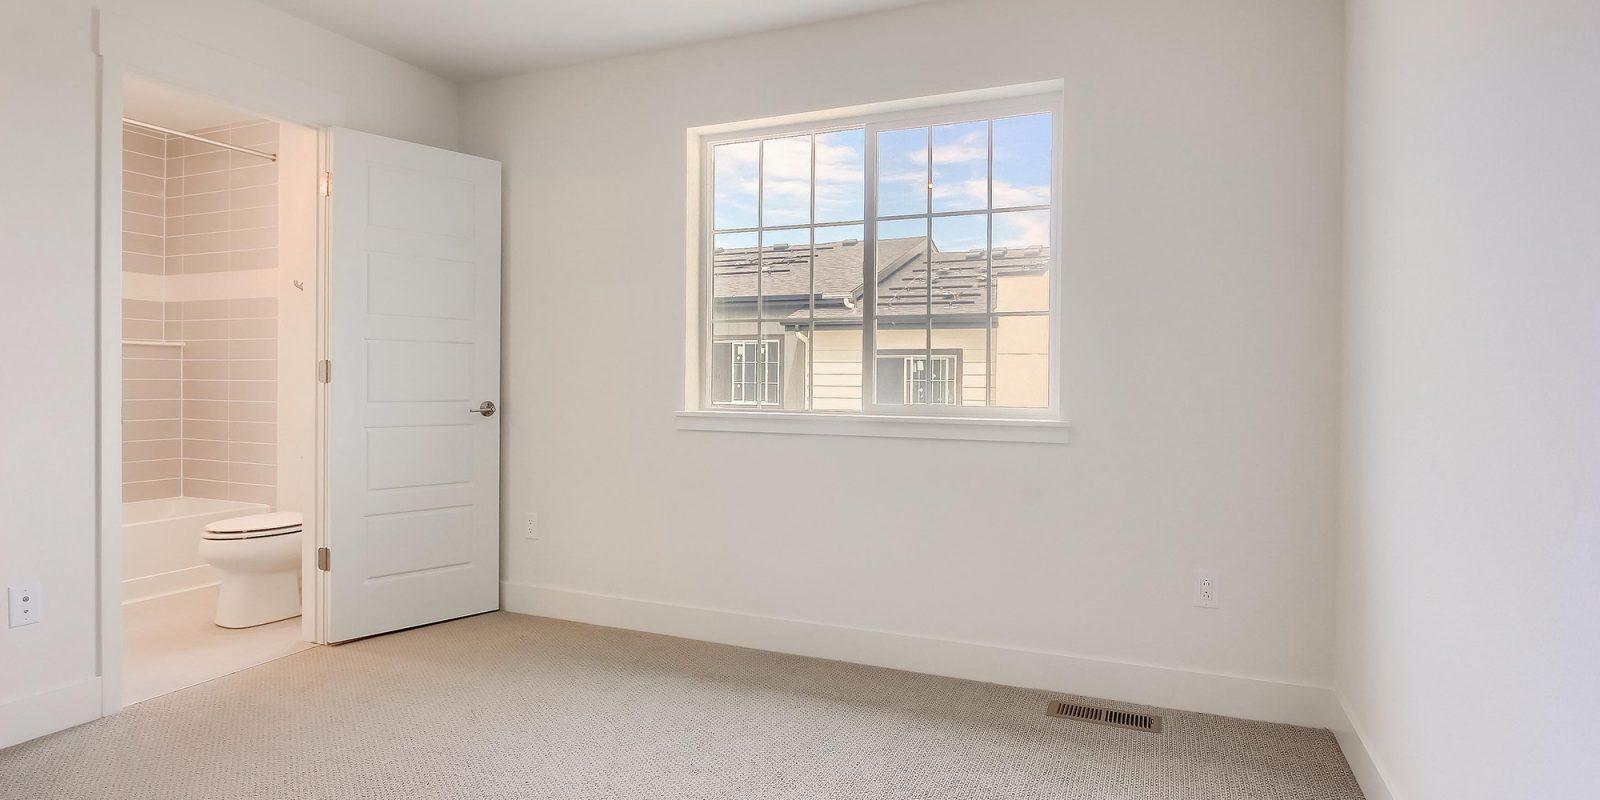 Arista: Uptown - Secondary Bedroom